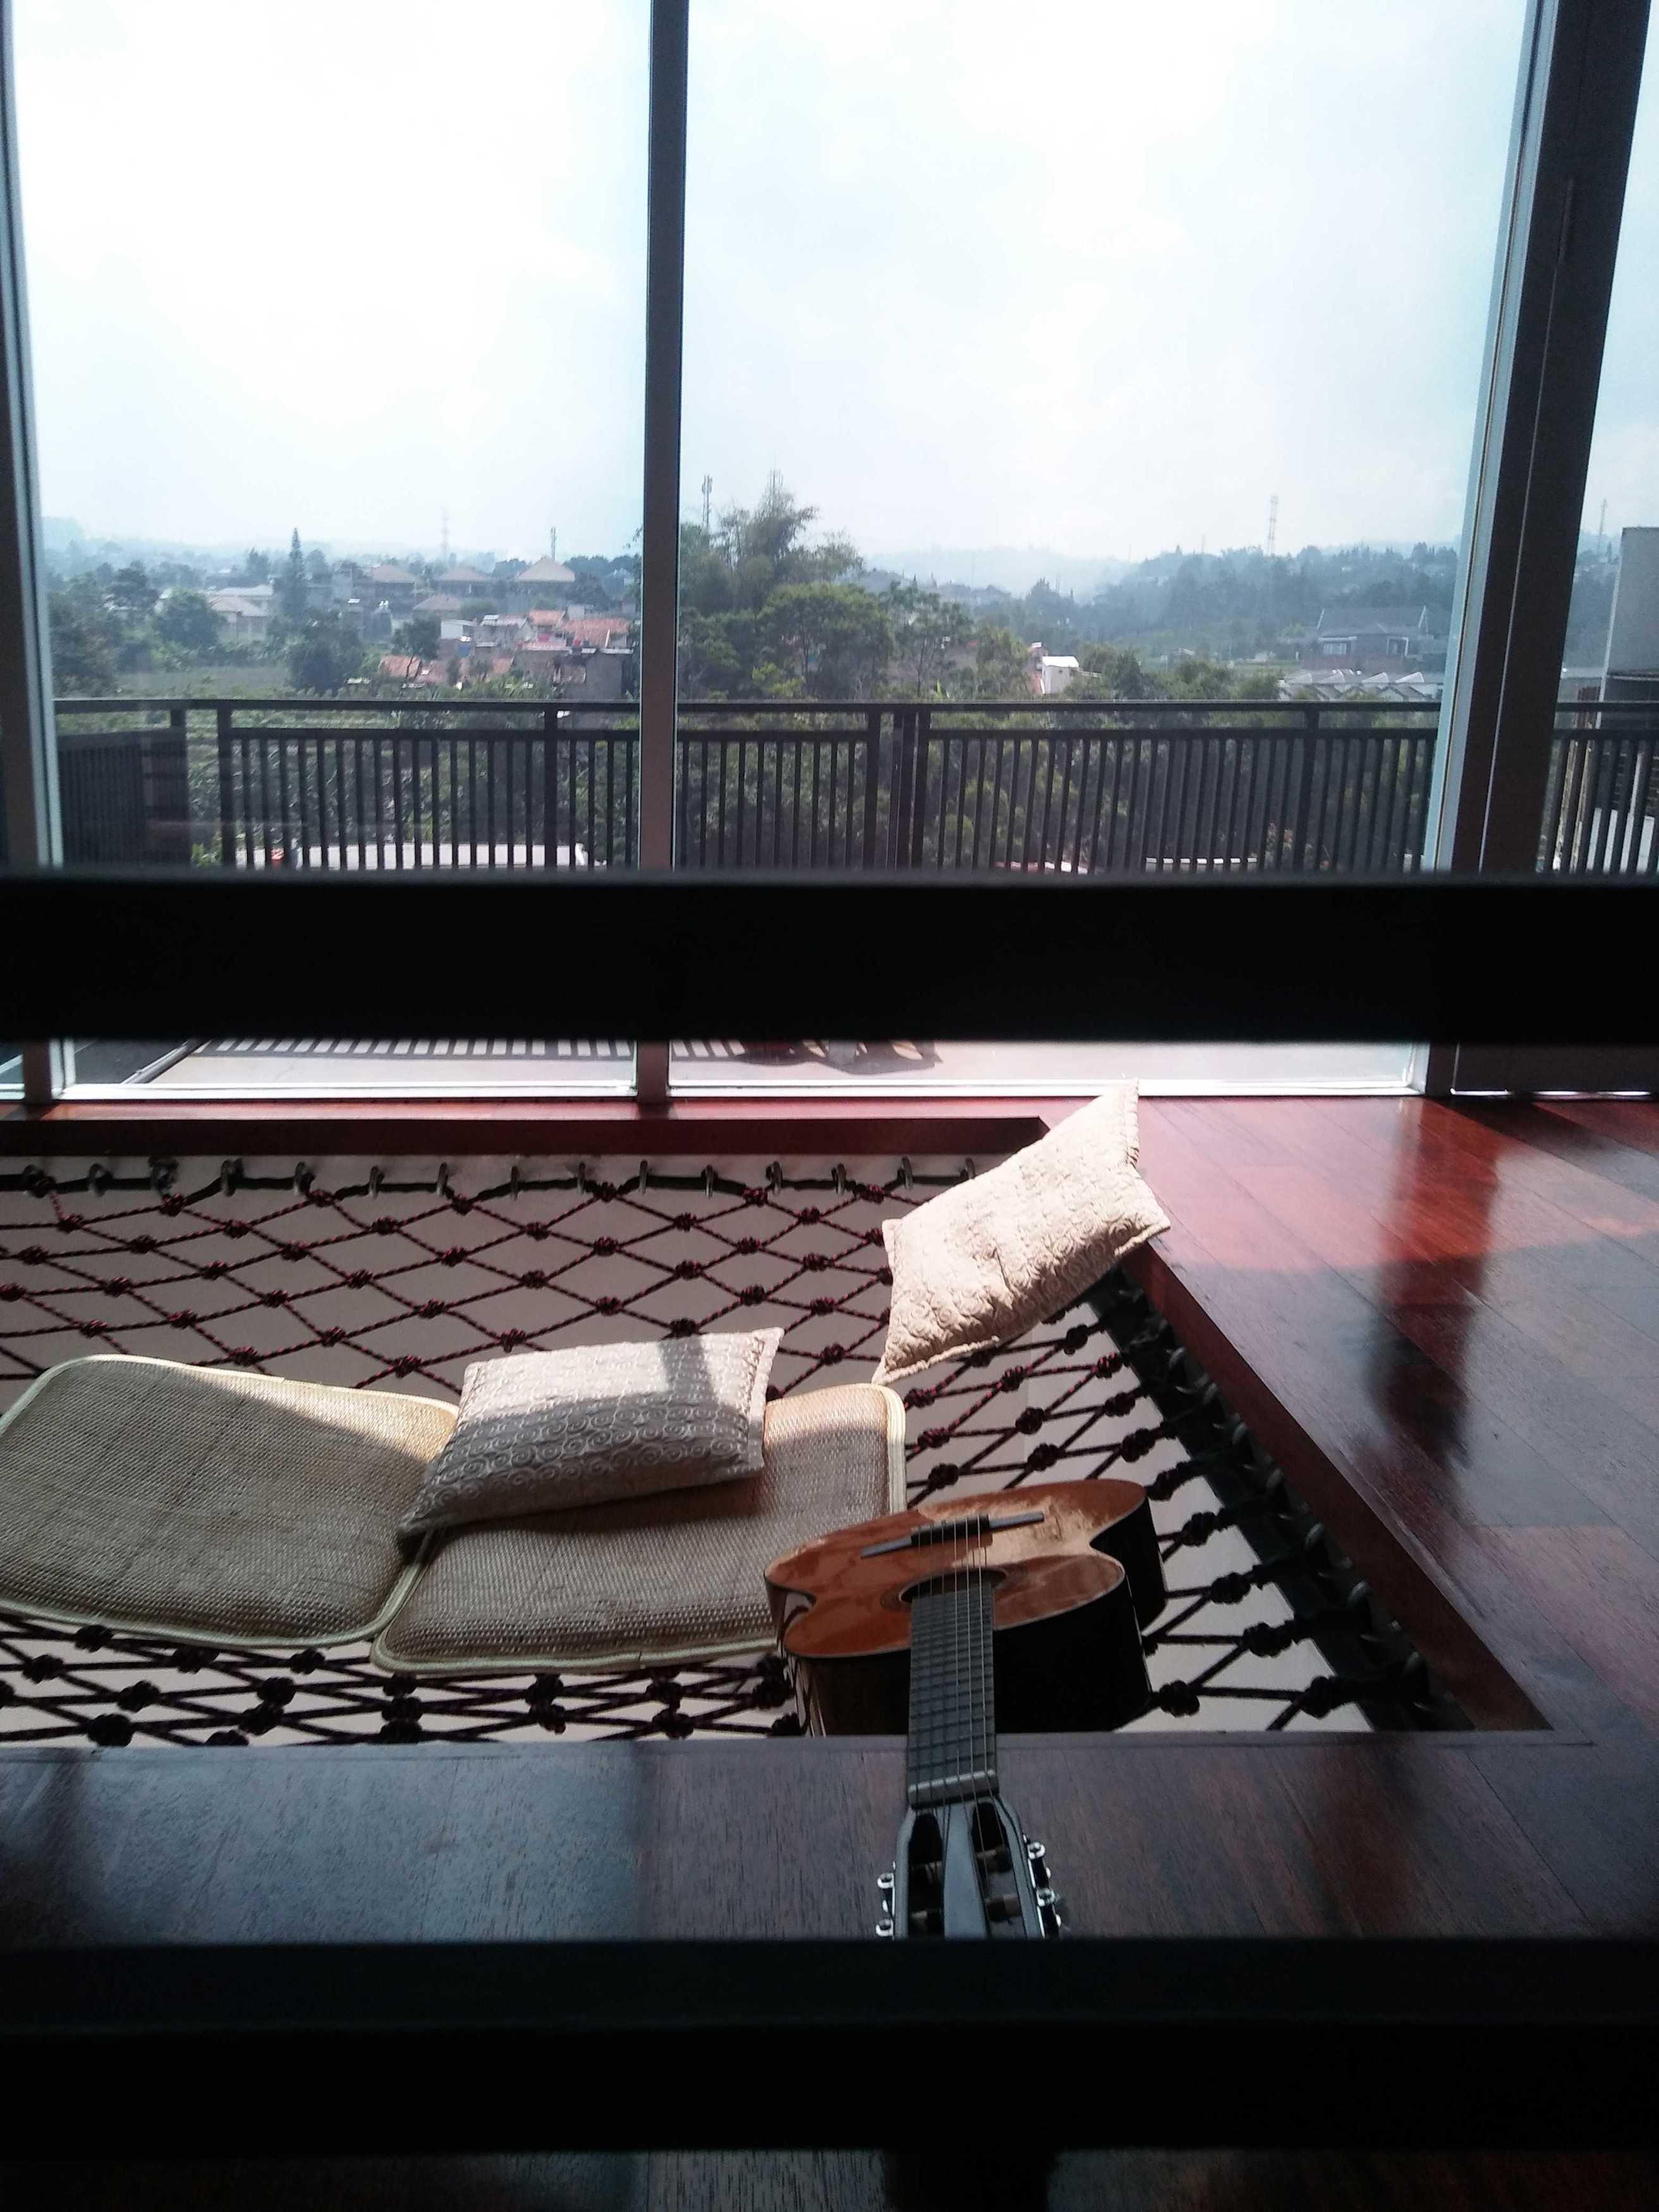 Atelier Ara Rumah Gerlong Bandung, Kota Bandung, Jawa Barat, Indonesia Bandung, Kota Bandung, Jawa Barat, Indonesia Atelier-Ara-Rumah-Gerlong   74330